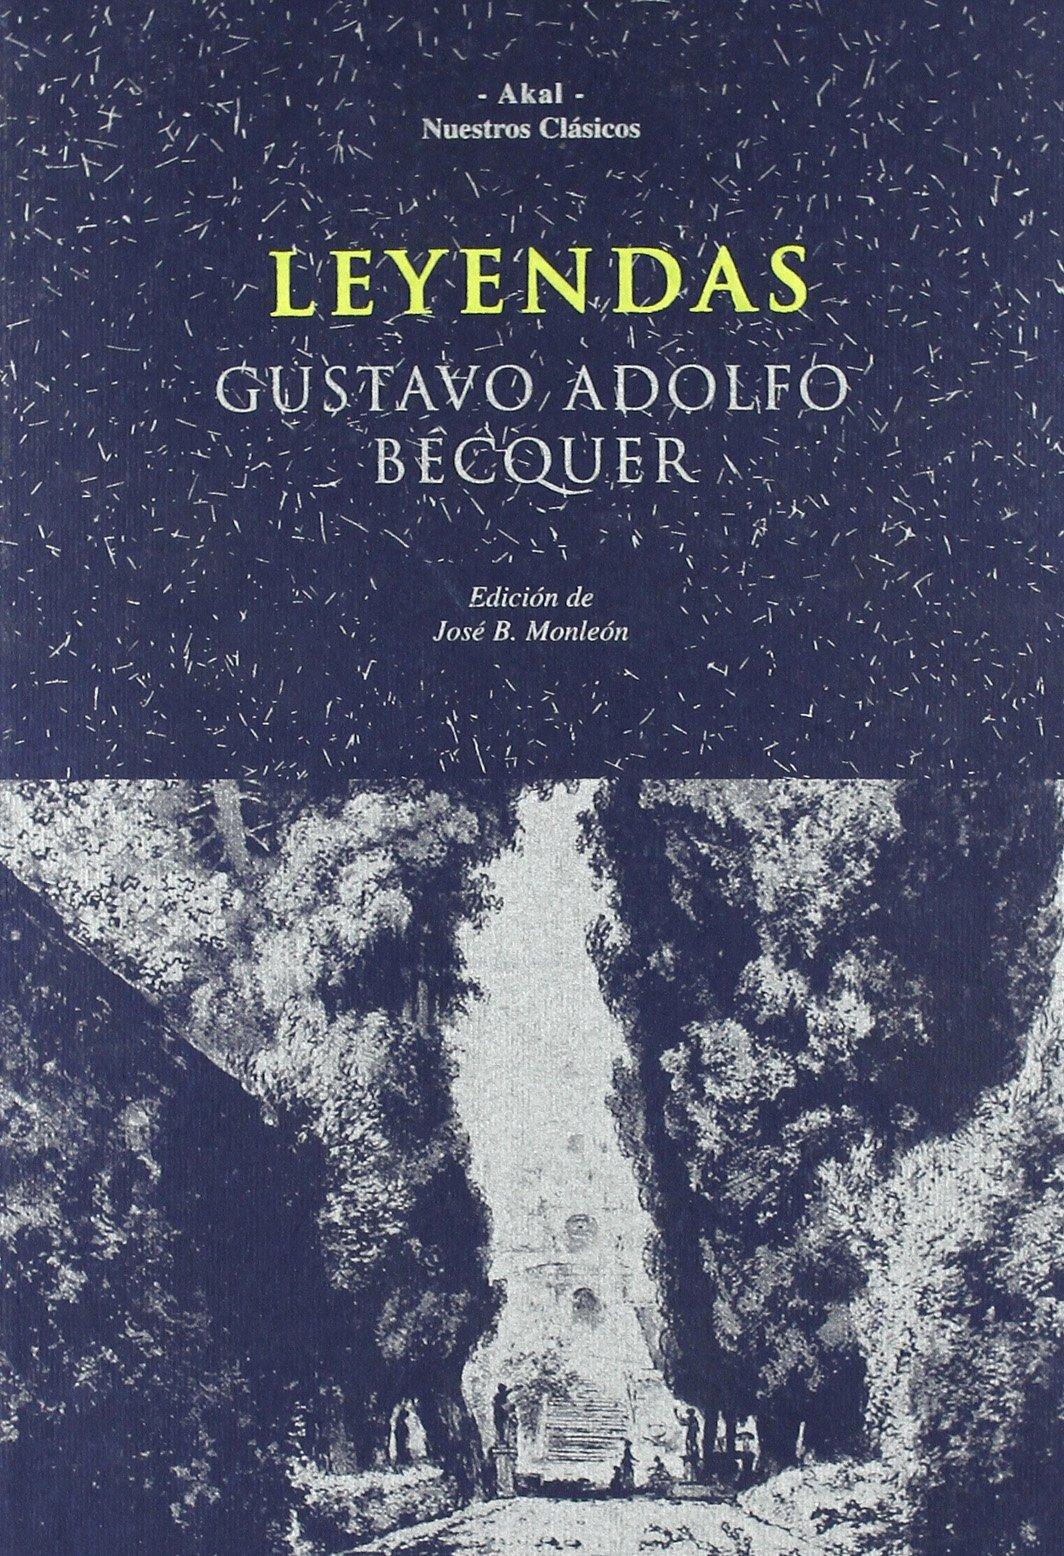 Leyendas: 4 (Nuestros clásicos): Amazon.es: Bécquer, Gustavo Adolfo: Libros